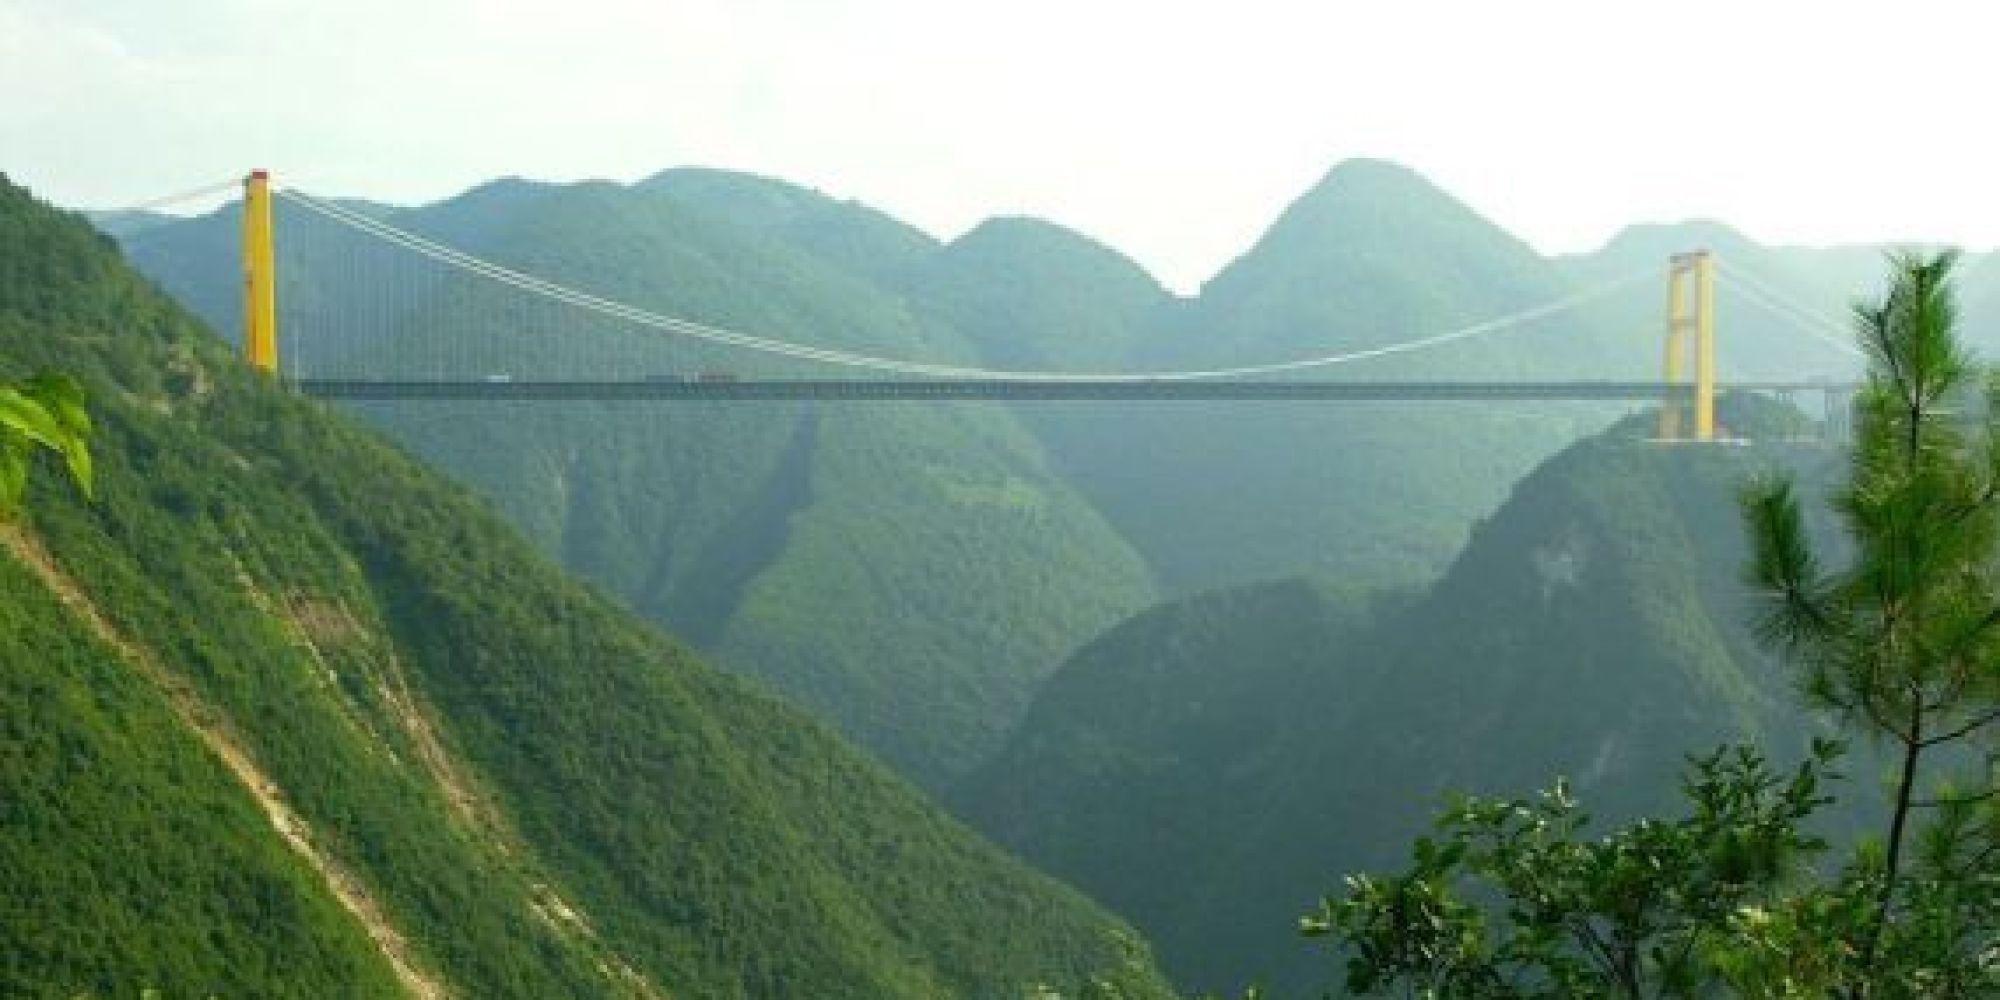 communiquer, c'est créer des ponts